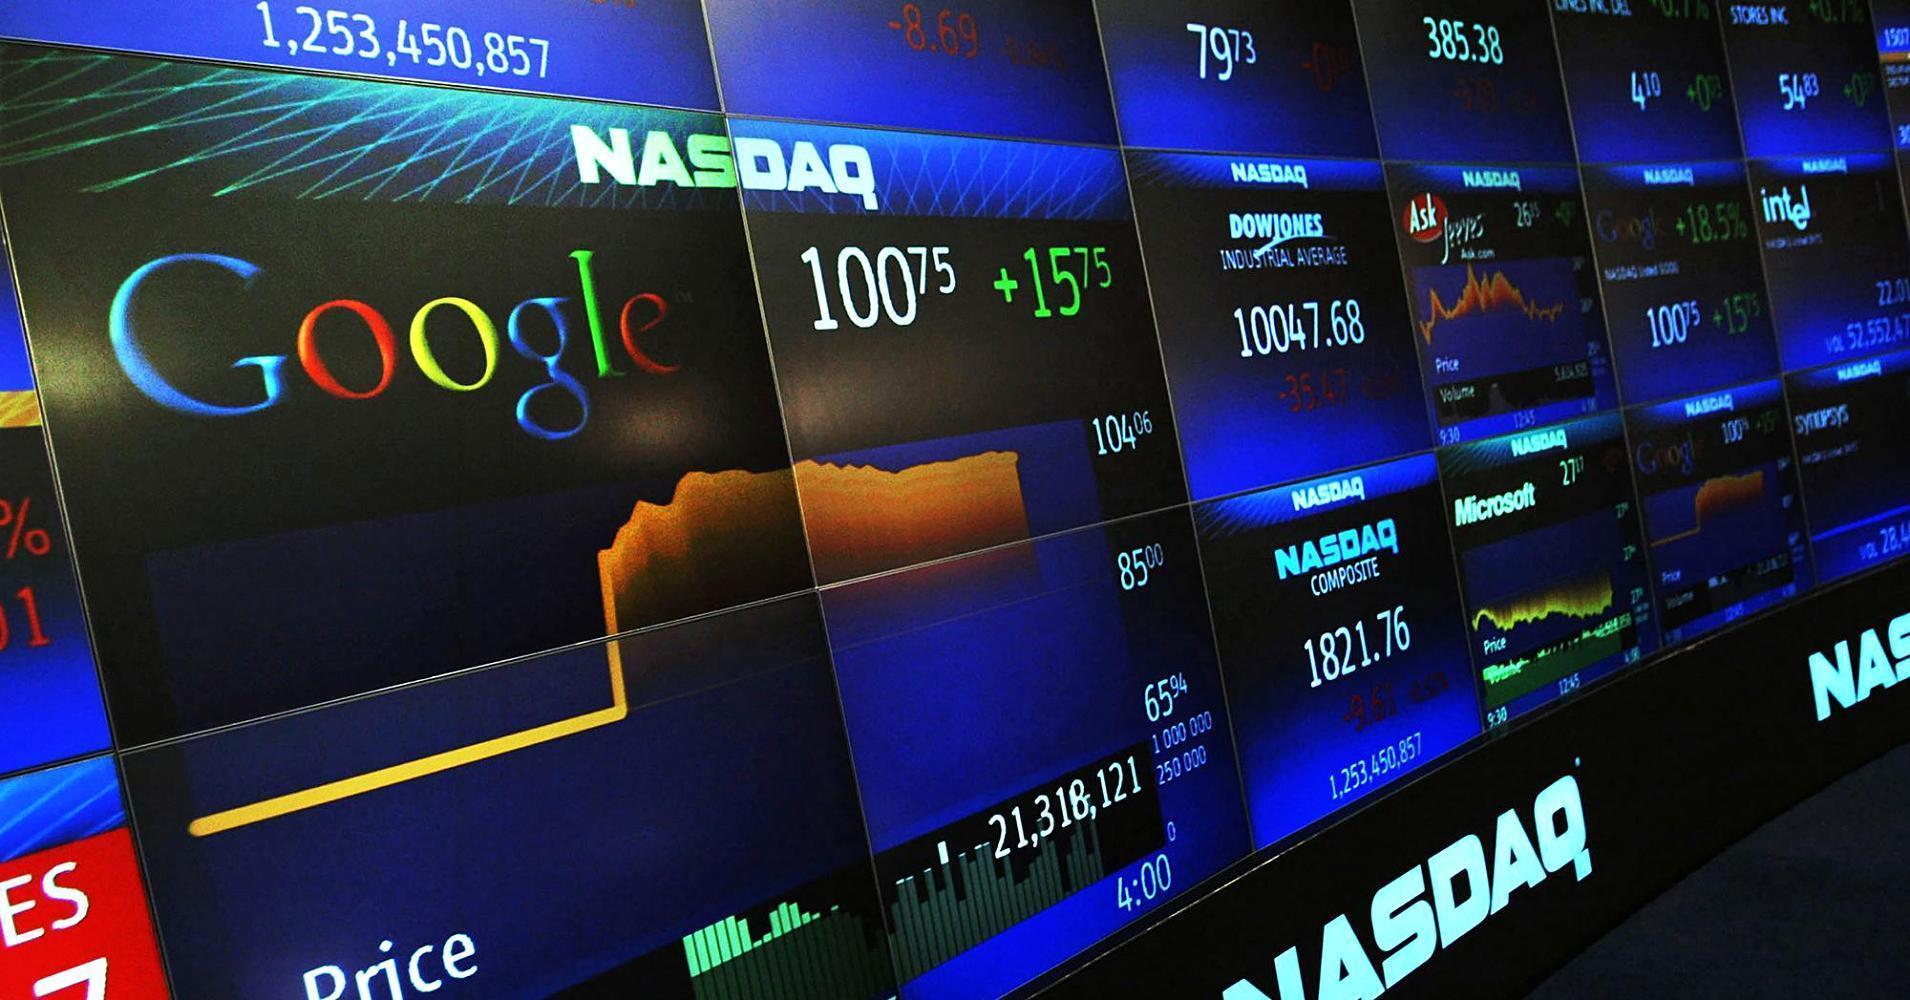 Google Alphabet shares